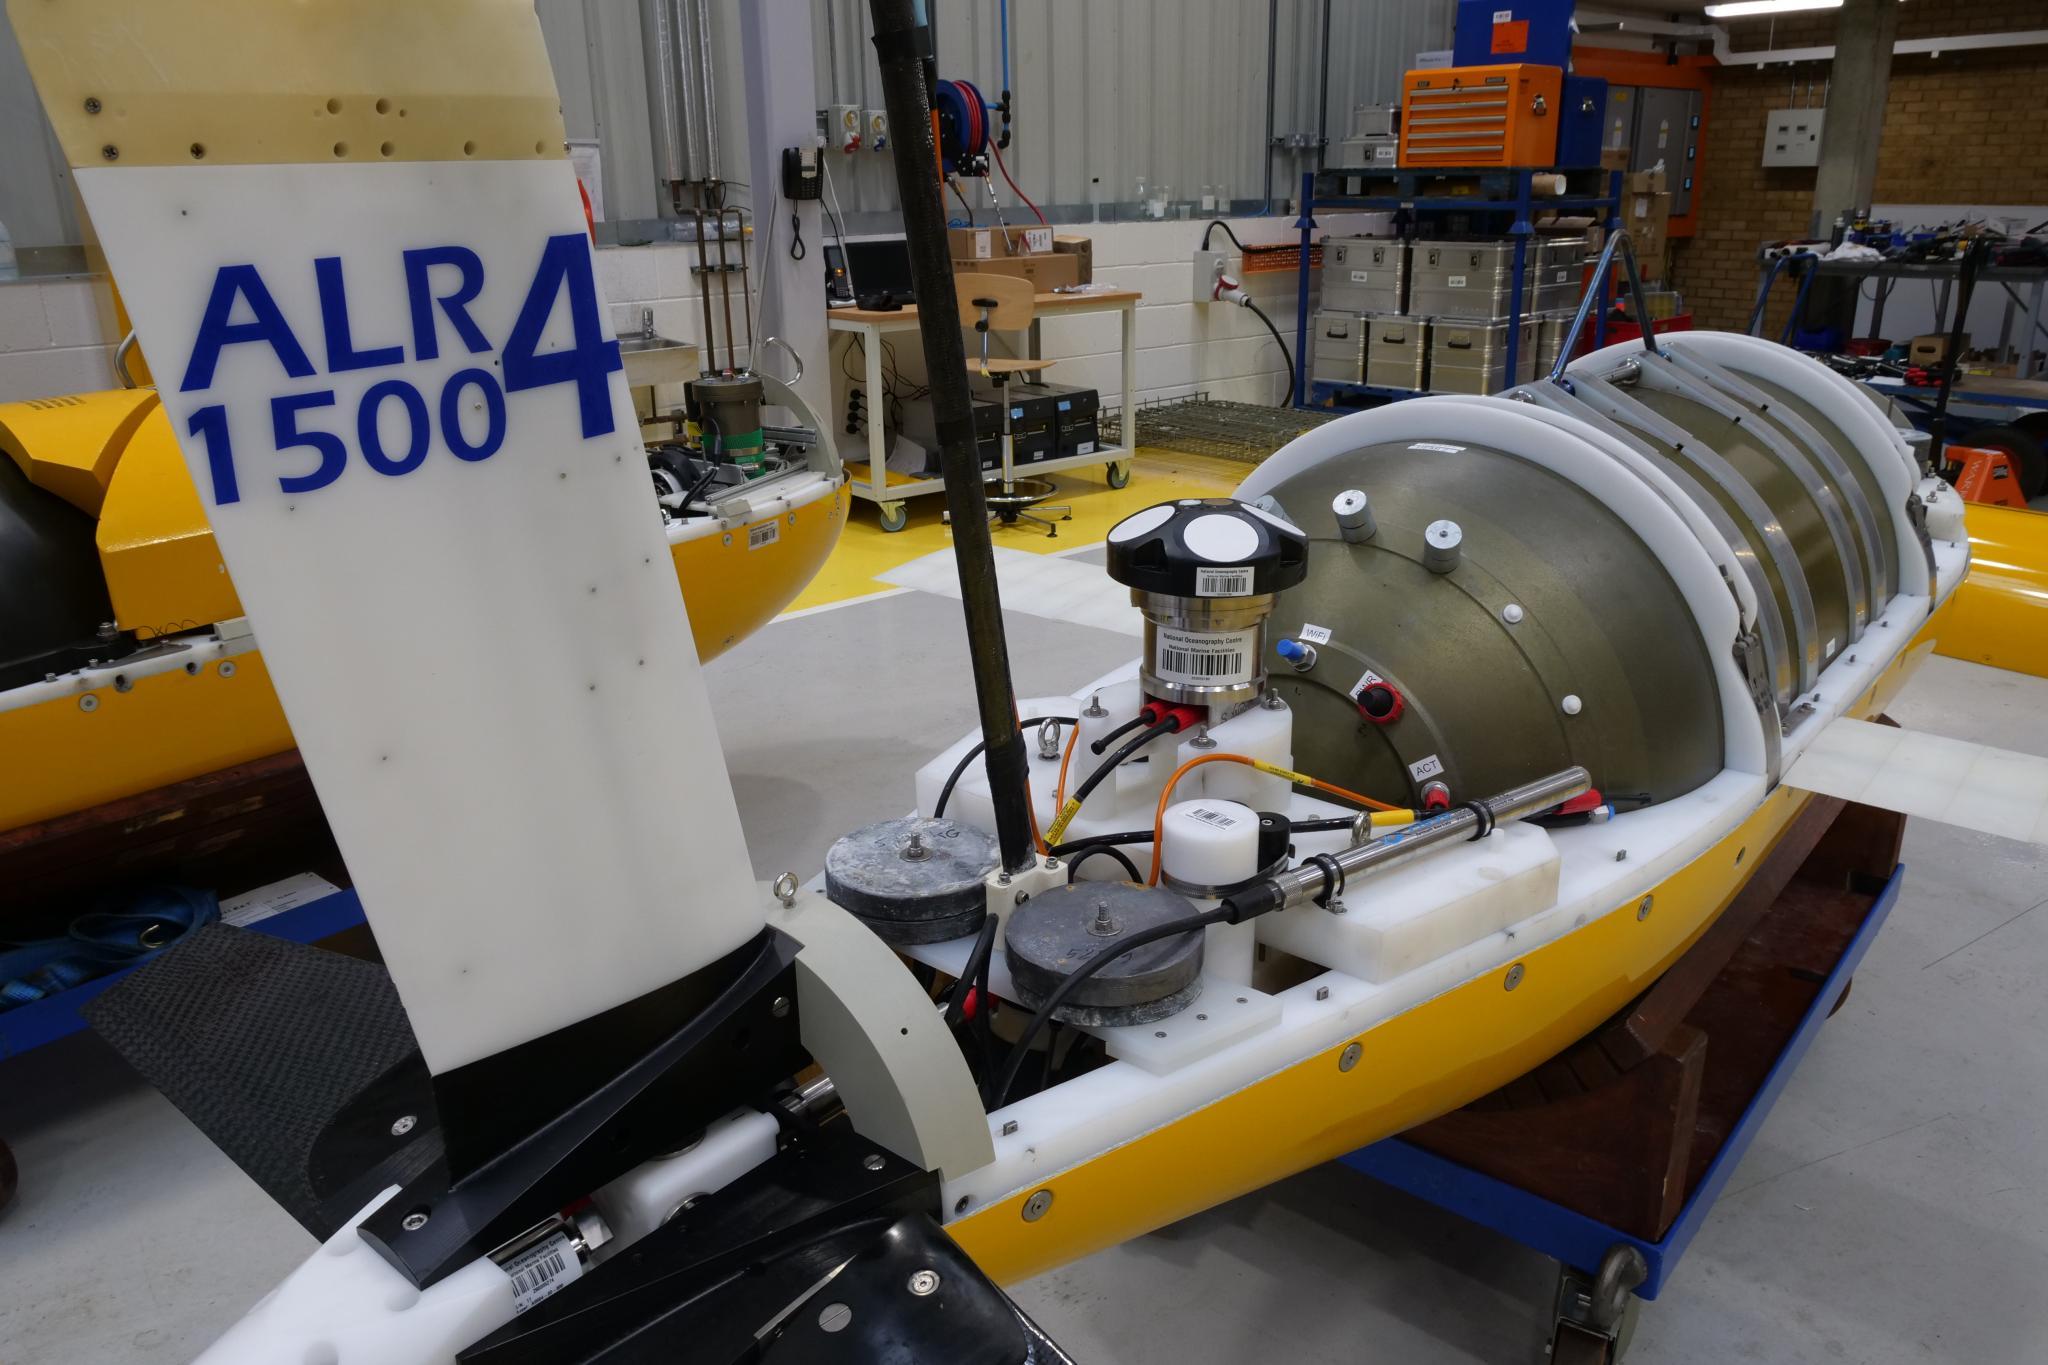 ALR4 in MARS workshop